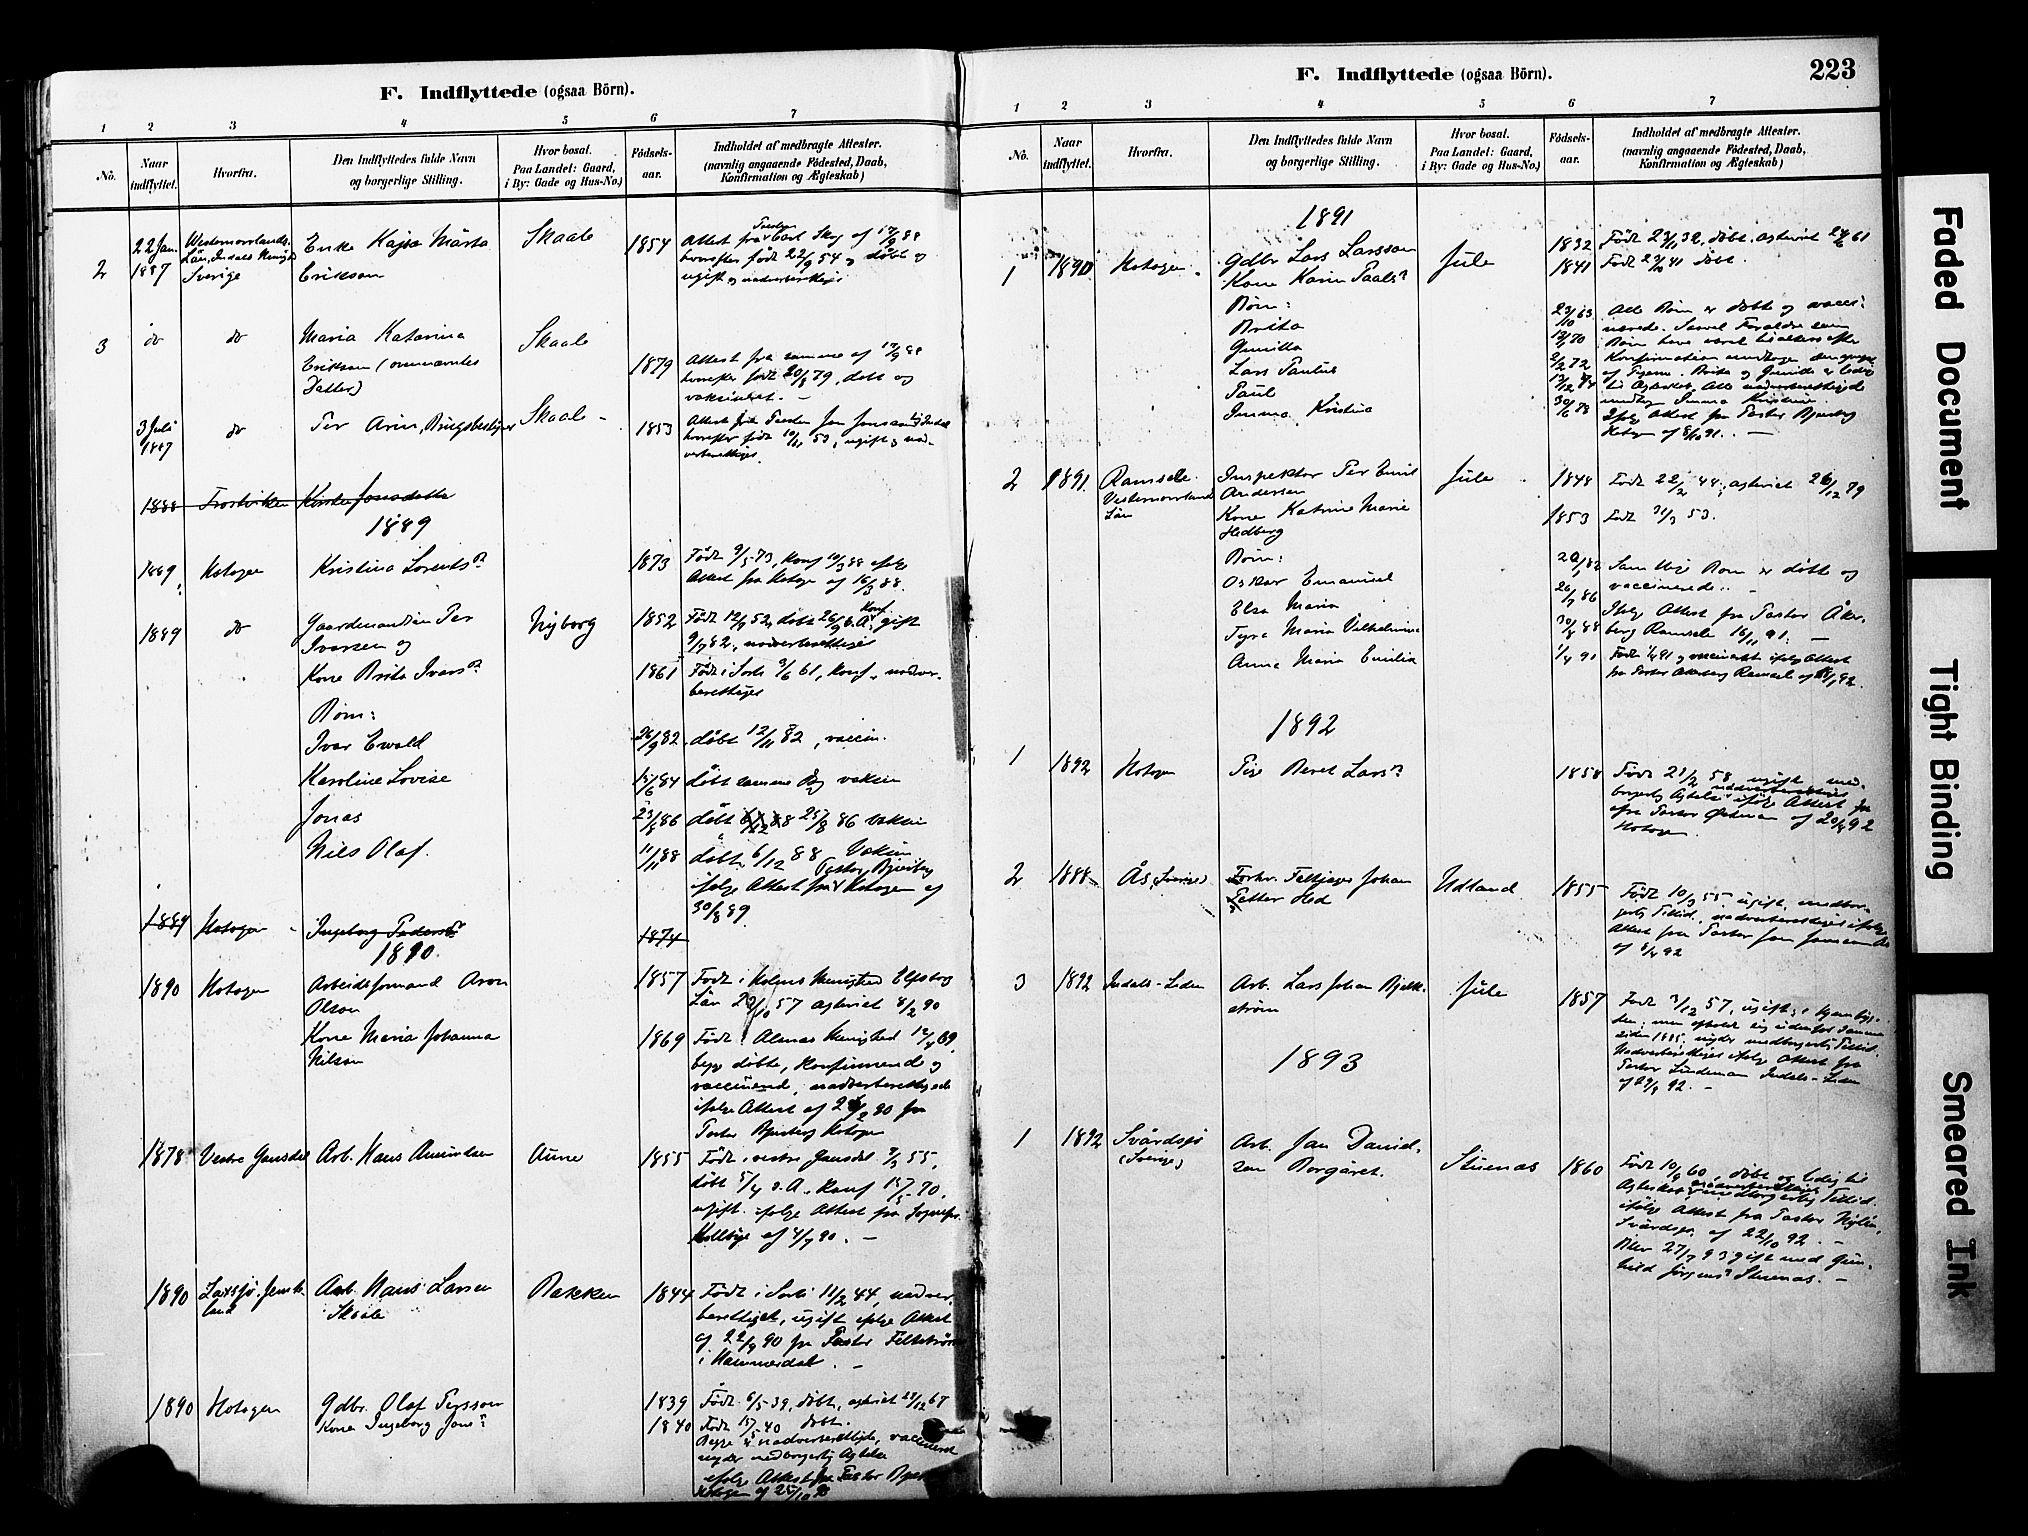 SAT, Ministerialprotokoller, klokkerbøker og fødselsregistre - Nord-Trøndelag, 757/L0505: Ministerialbok nr. 757A01, 1882-1904, s. 223